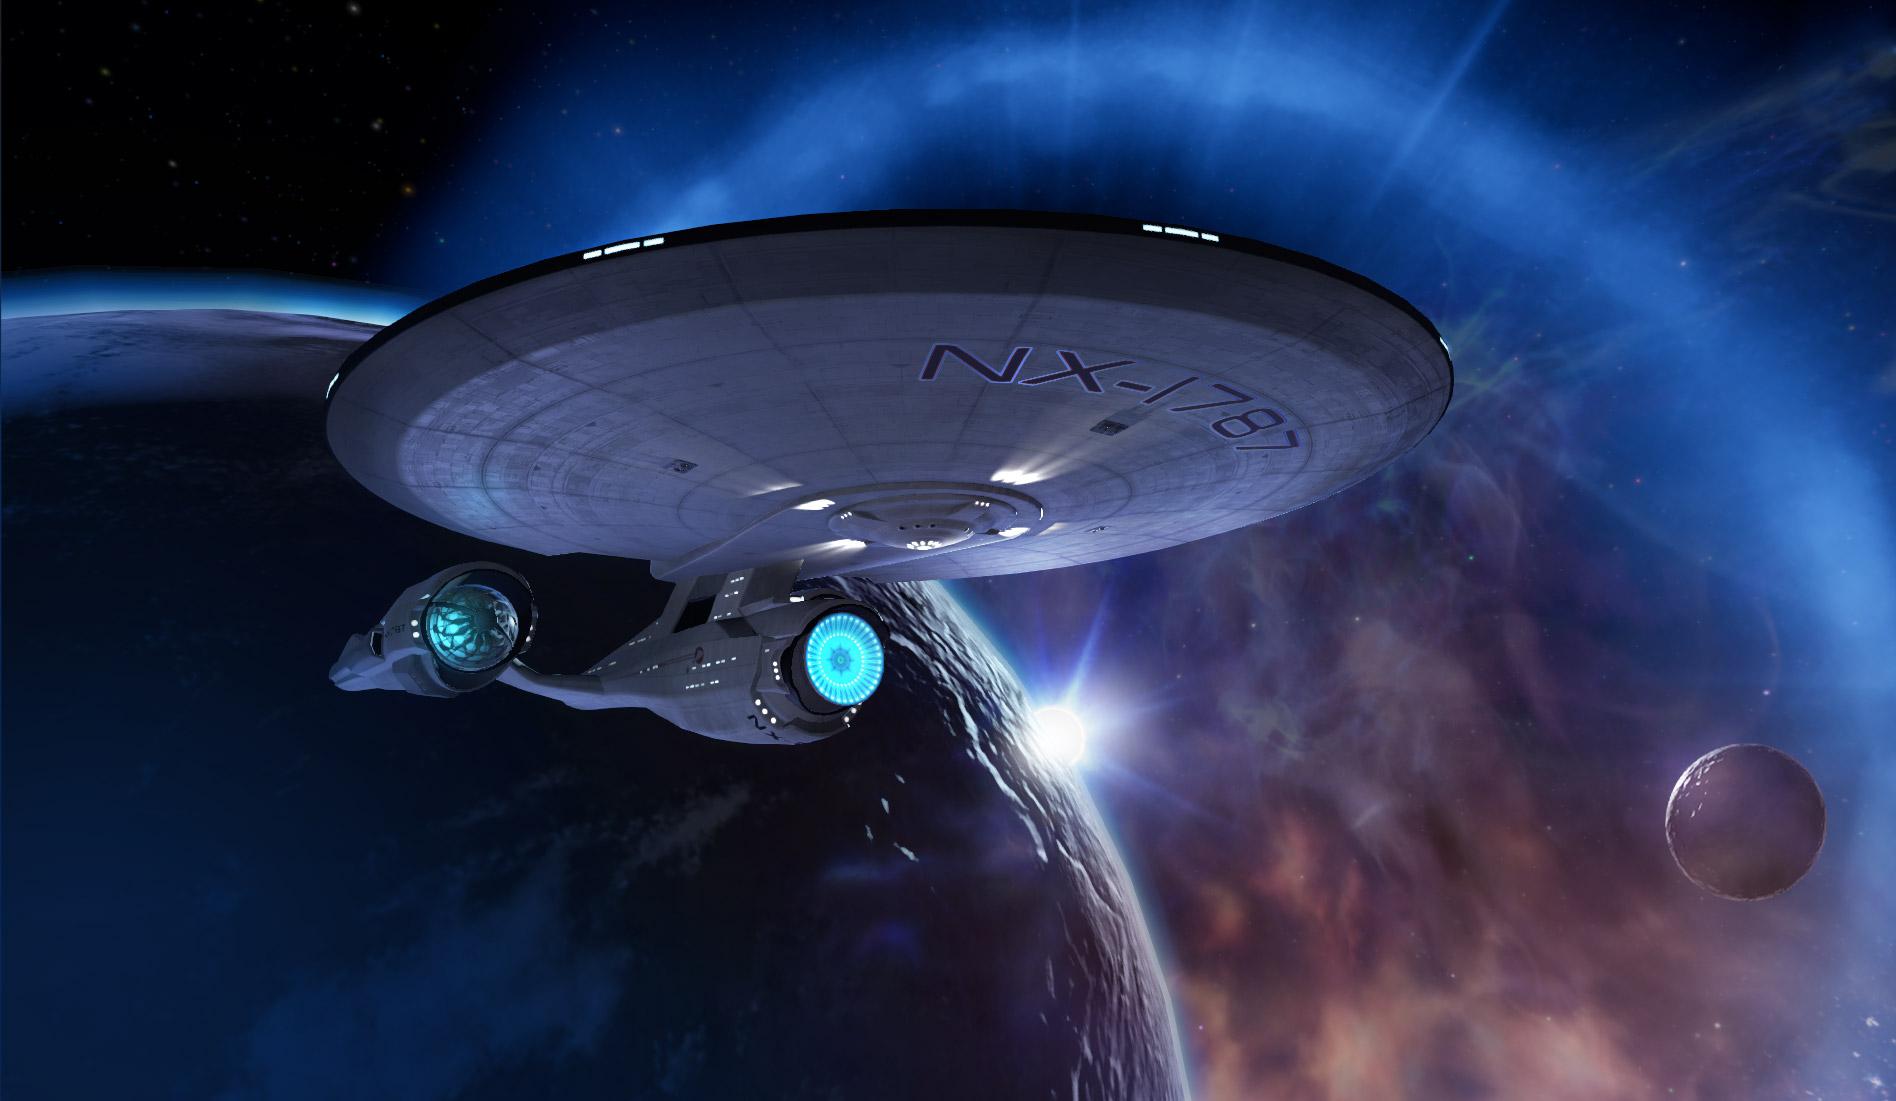 《星际迷航:舰桥船员》游戏已上线Oculus Quest,售价30美元